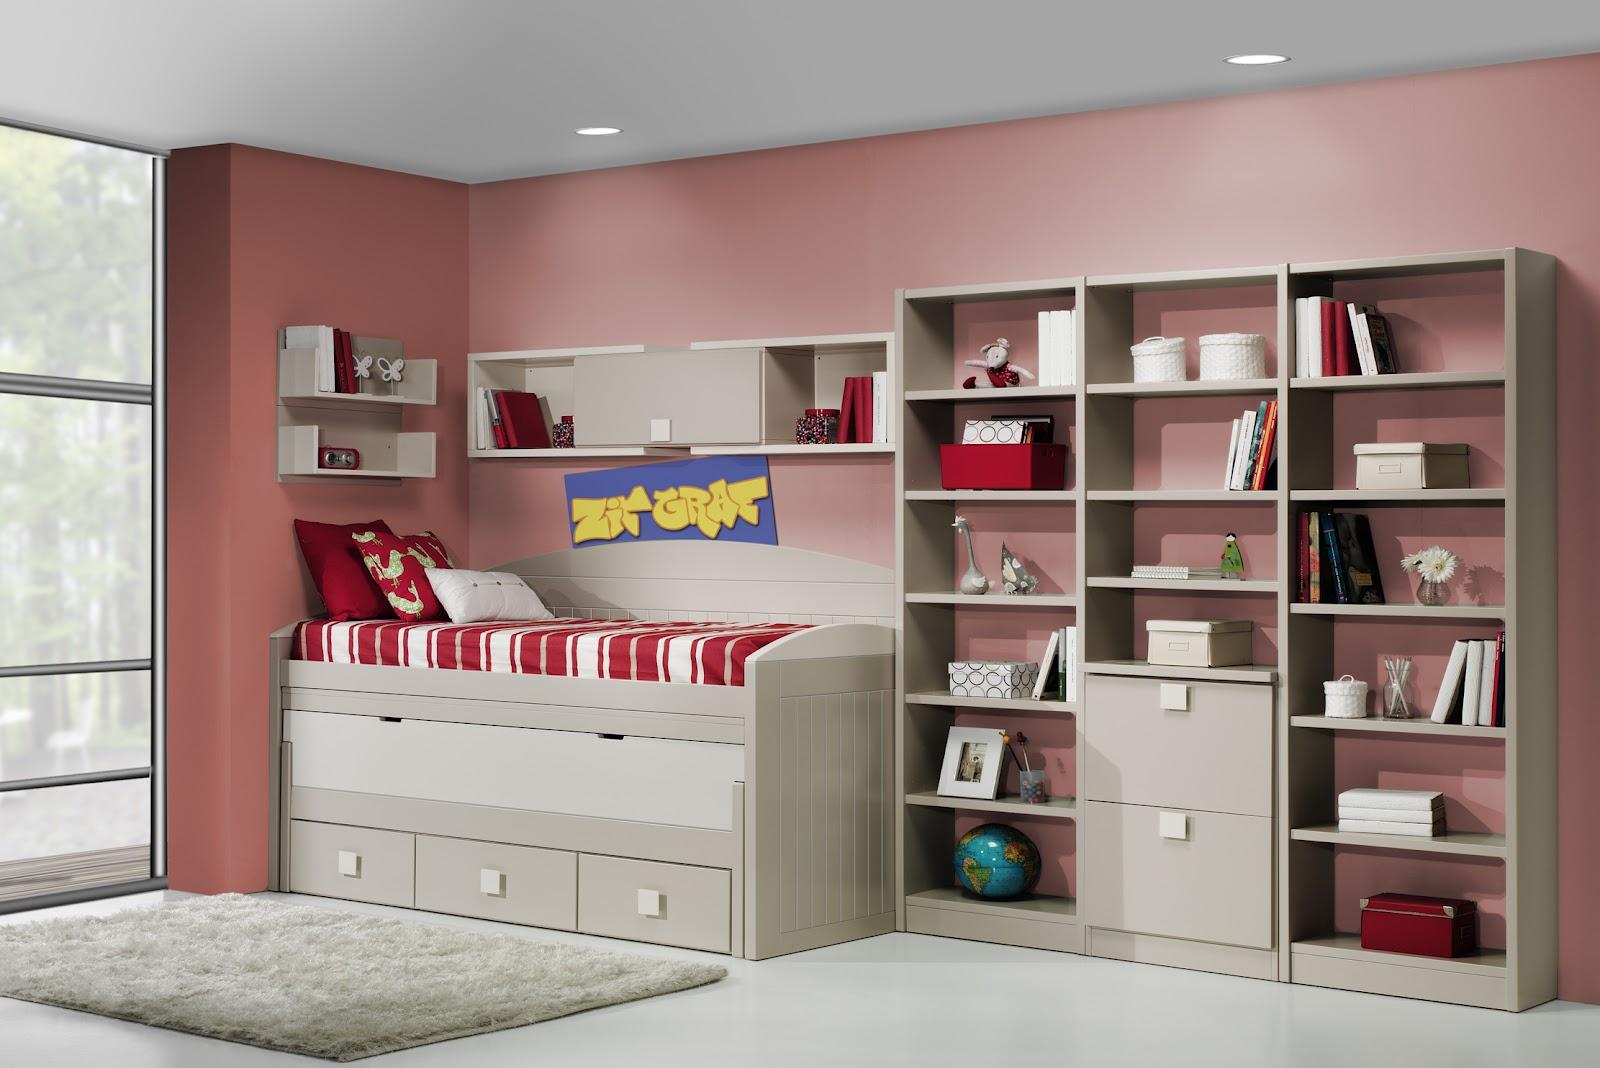 Dormitorio lacado color arena con cama compacto y estanteria for Compactos juveniles